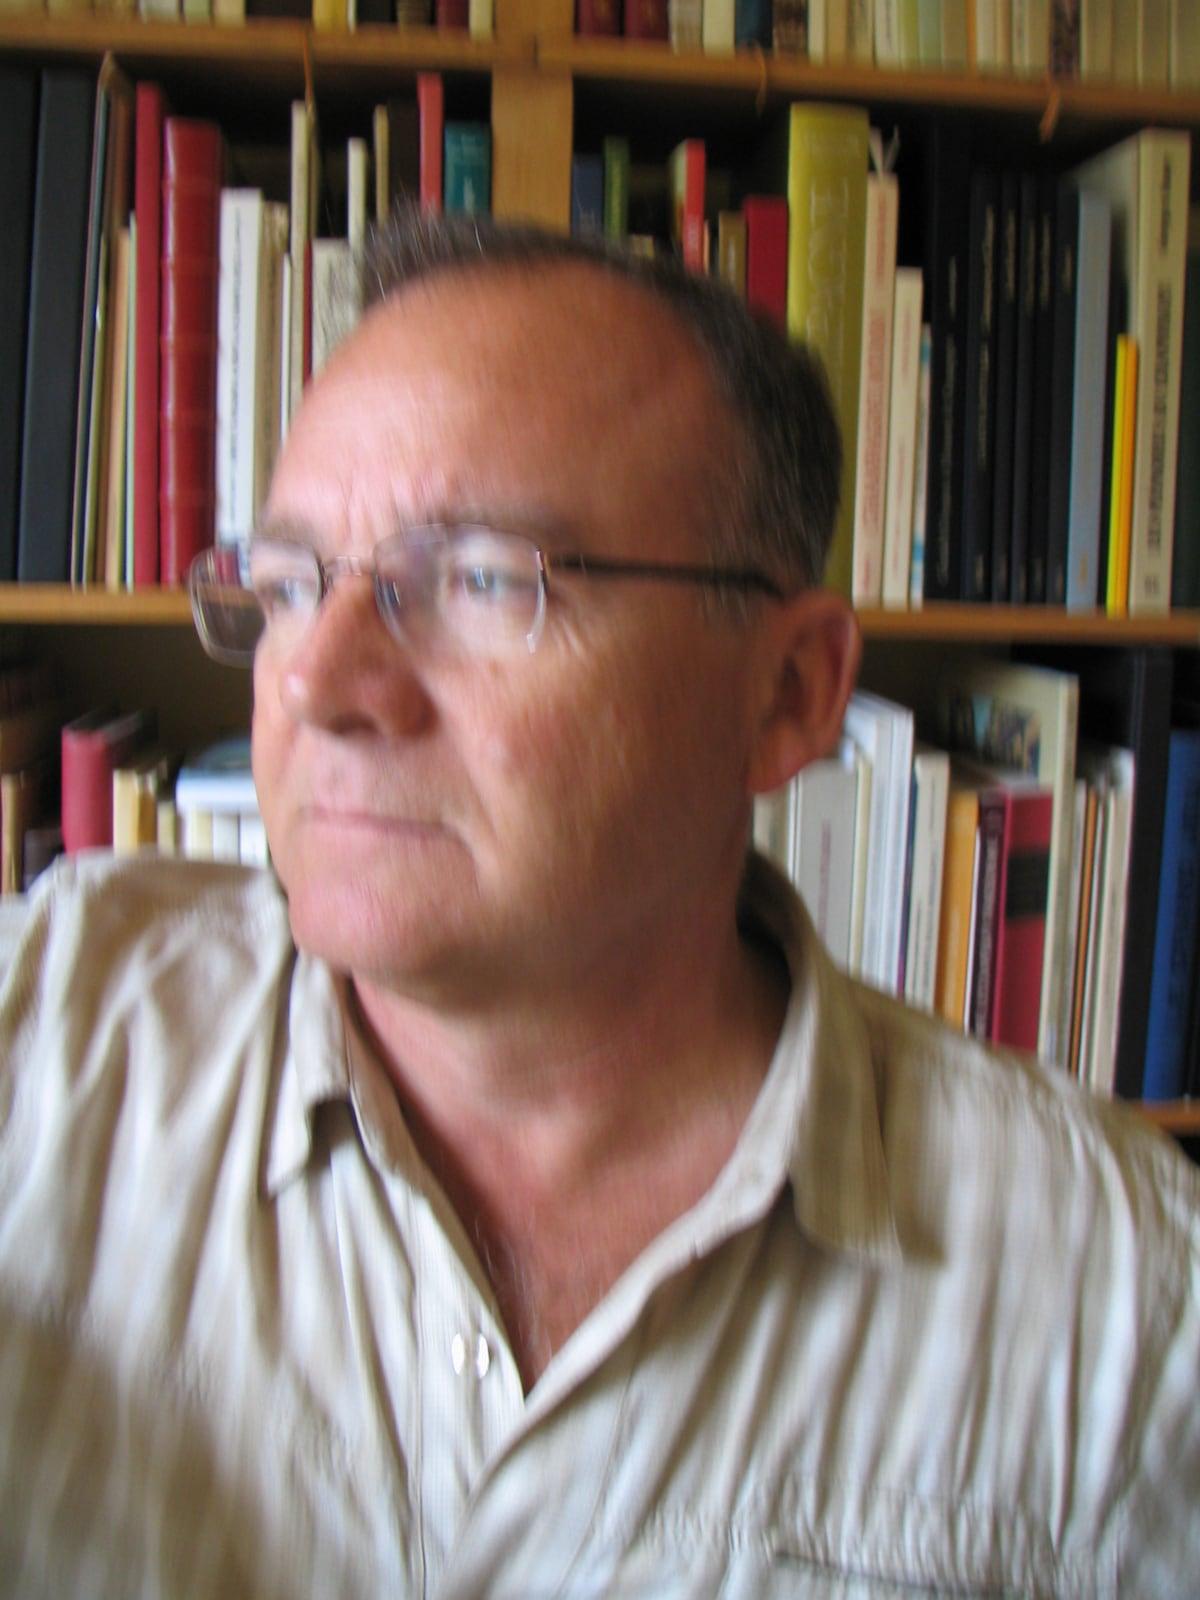 Jean-Yves from Rheims